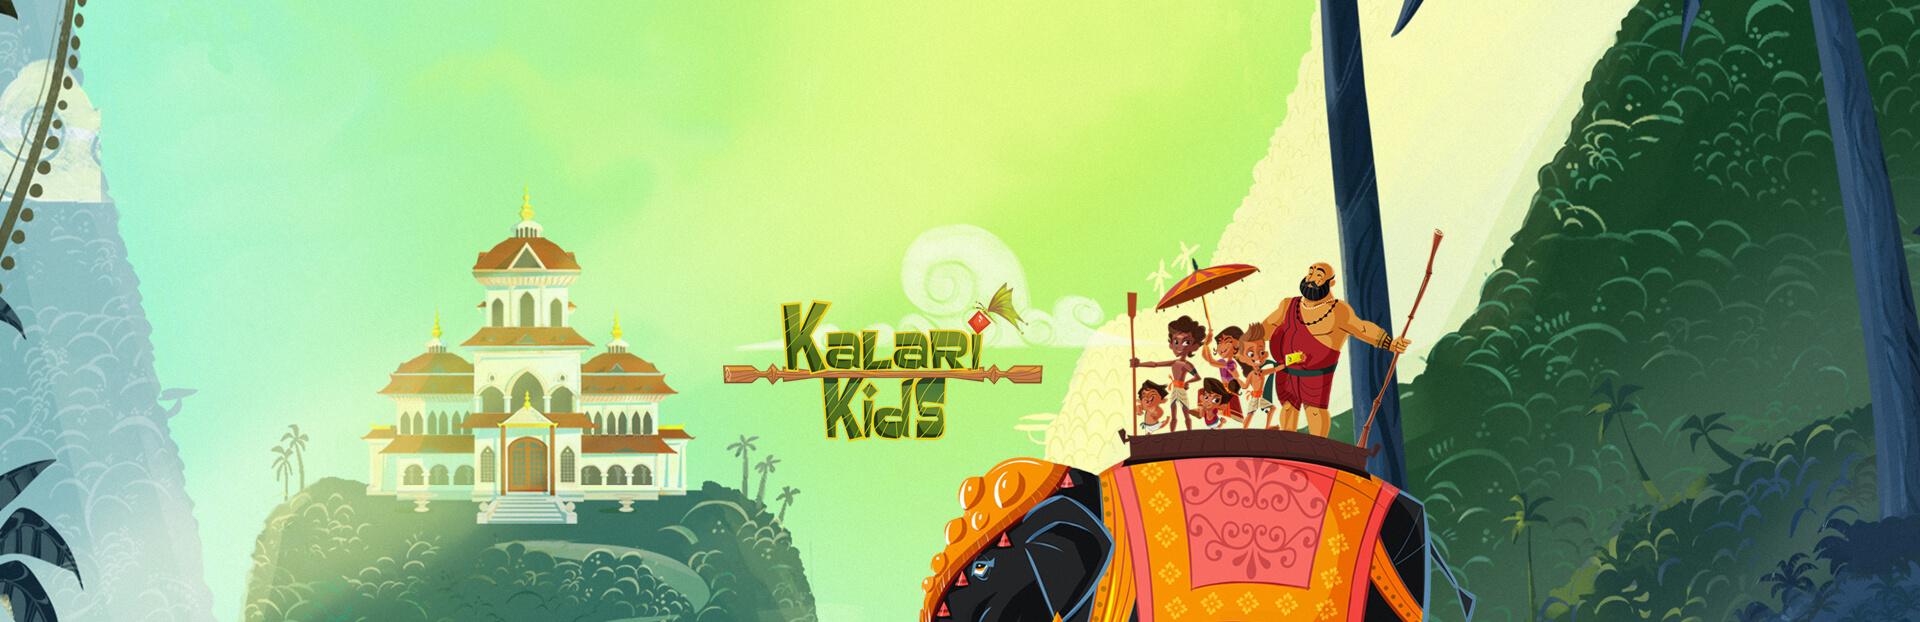 Bheem ki Kalari Party